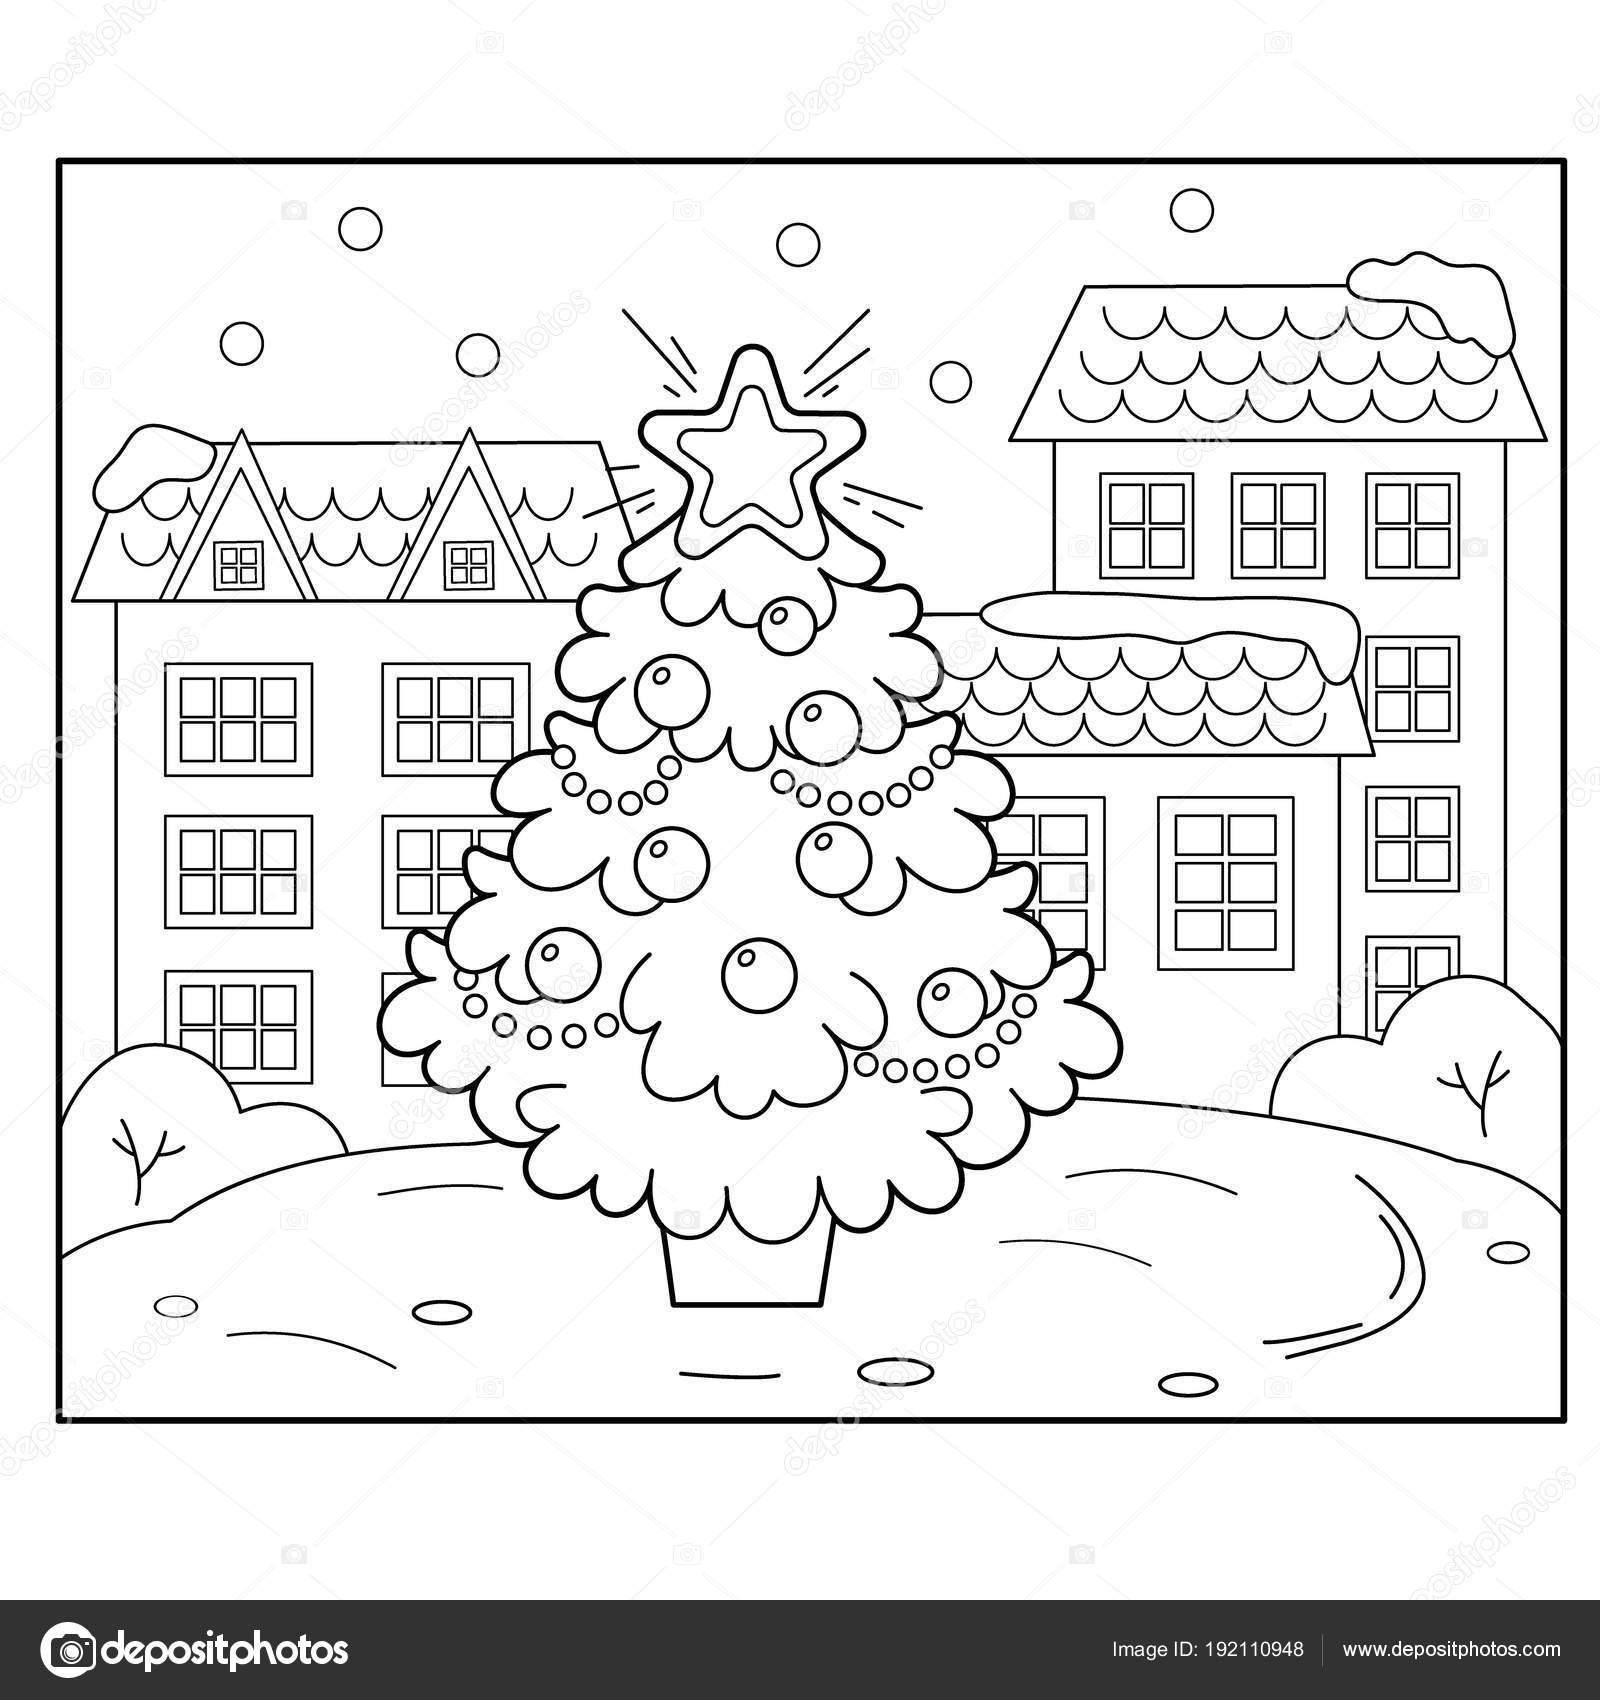 Weihnachtsbaum mit Schmuck und Geschenke in der Stadt. Weihnachten ...